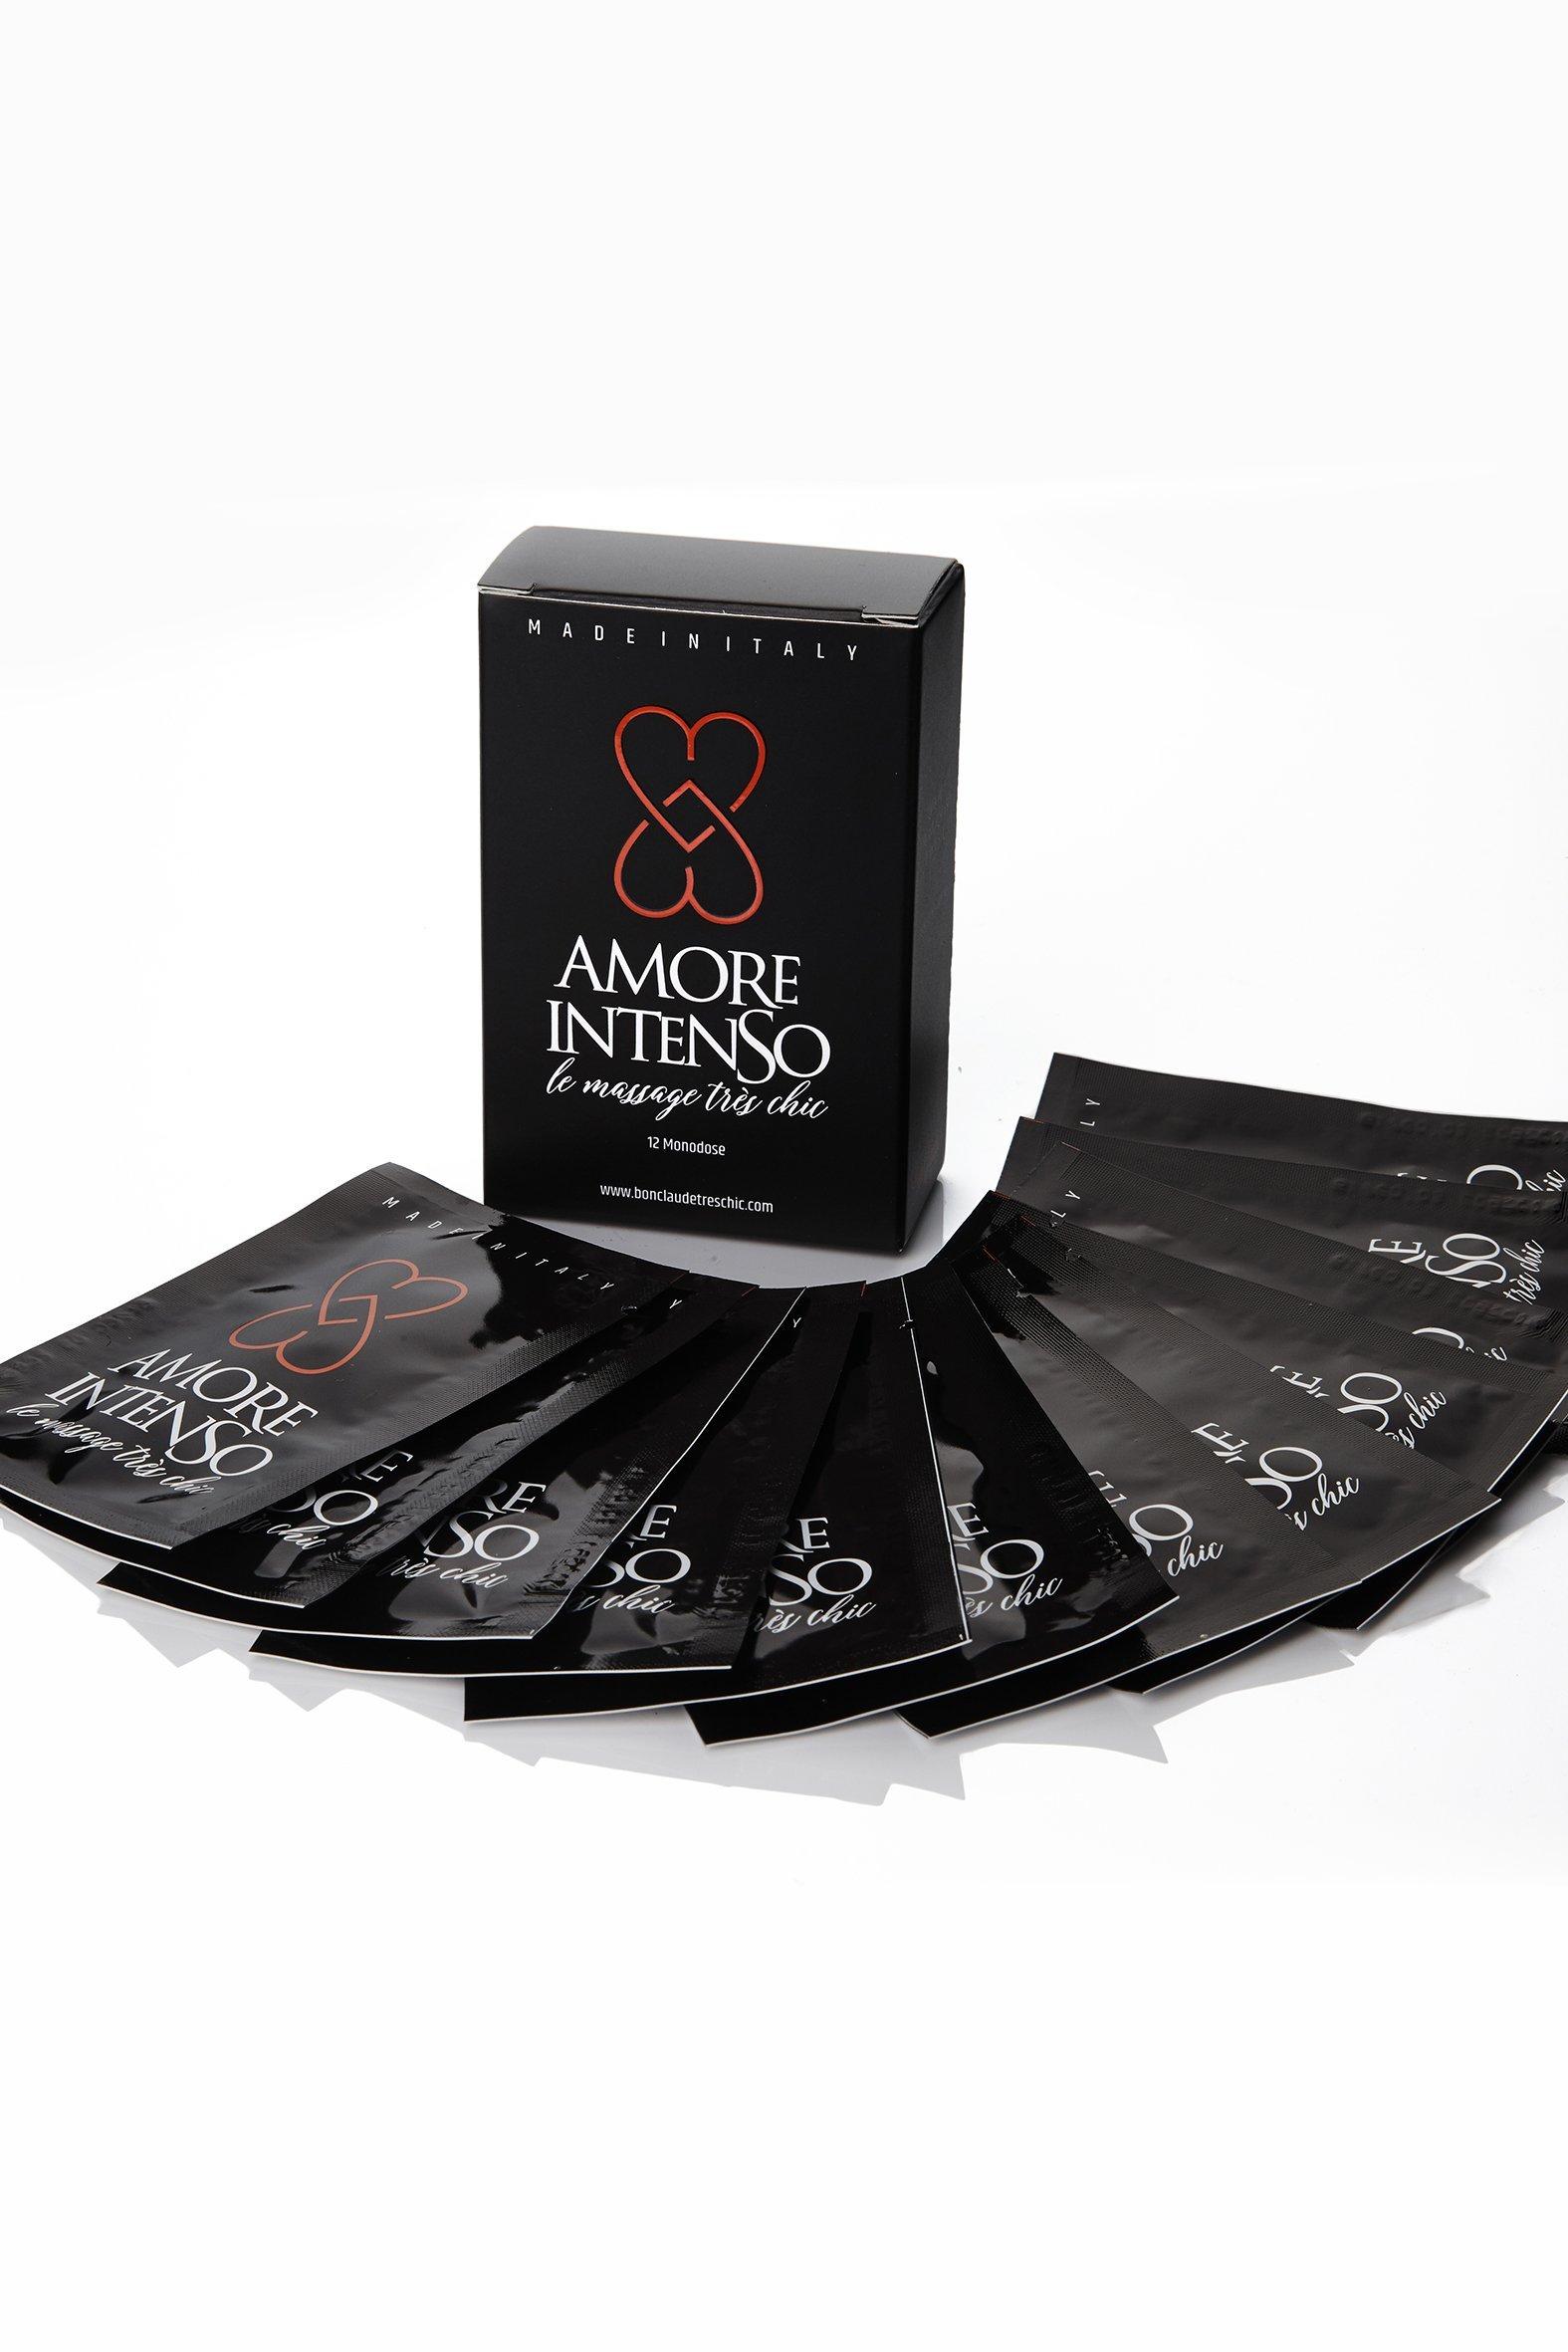 AMORE INTENSO le massage très chic – Scatola n.12 Monodose 4ml olio massaggio e lubrificante intimo profumato